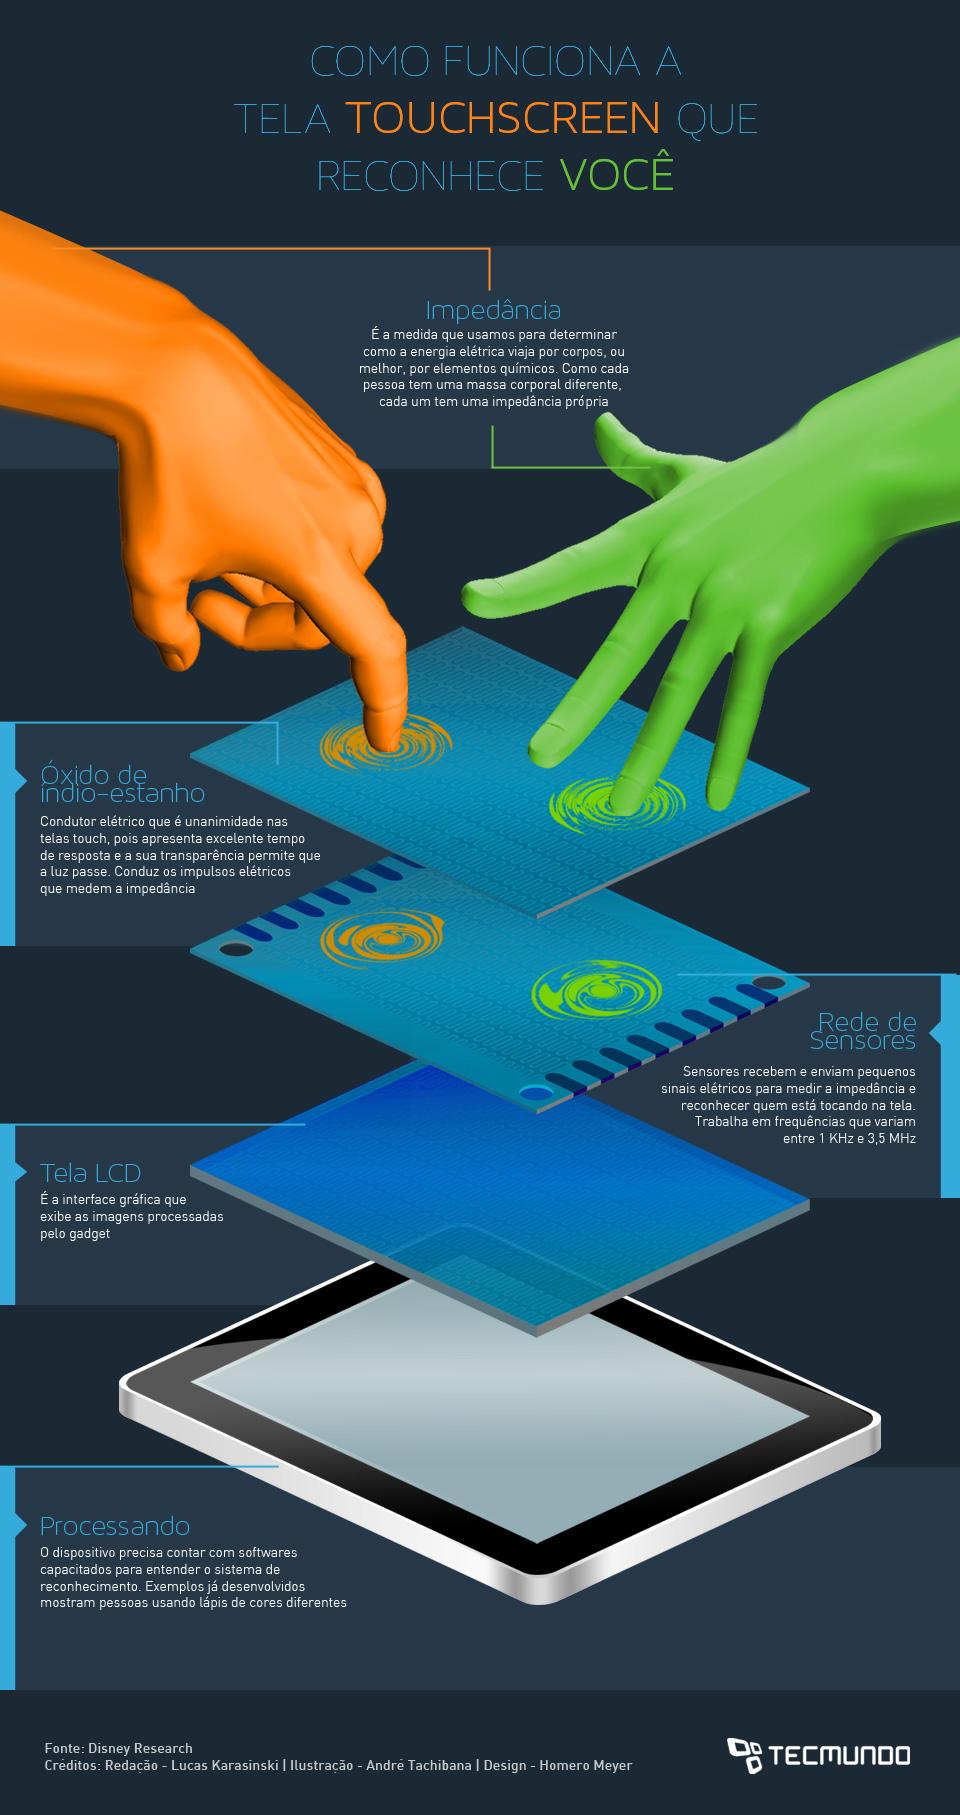 Como funciona a tela touchscreen que reconhece você [ilustração]